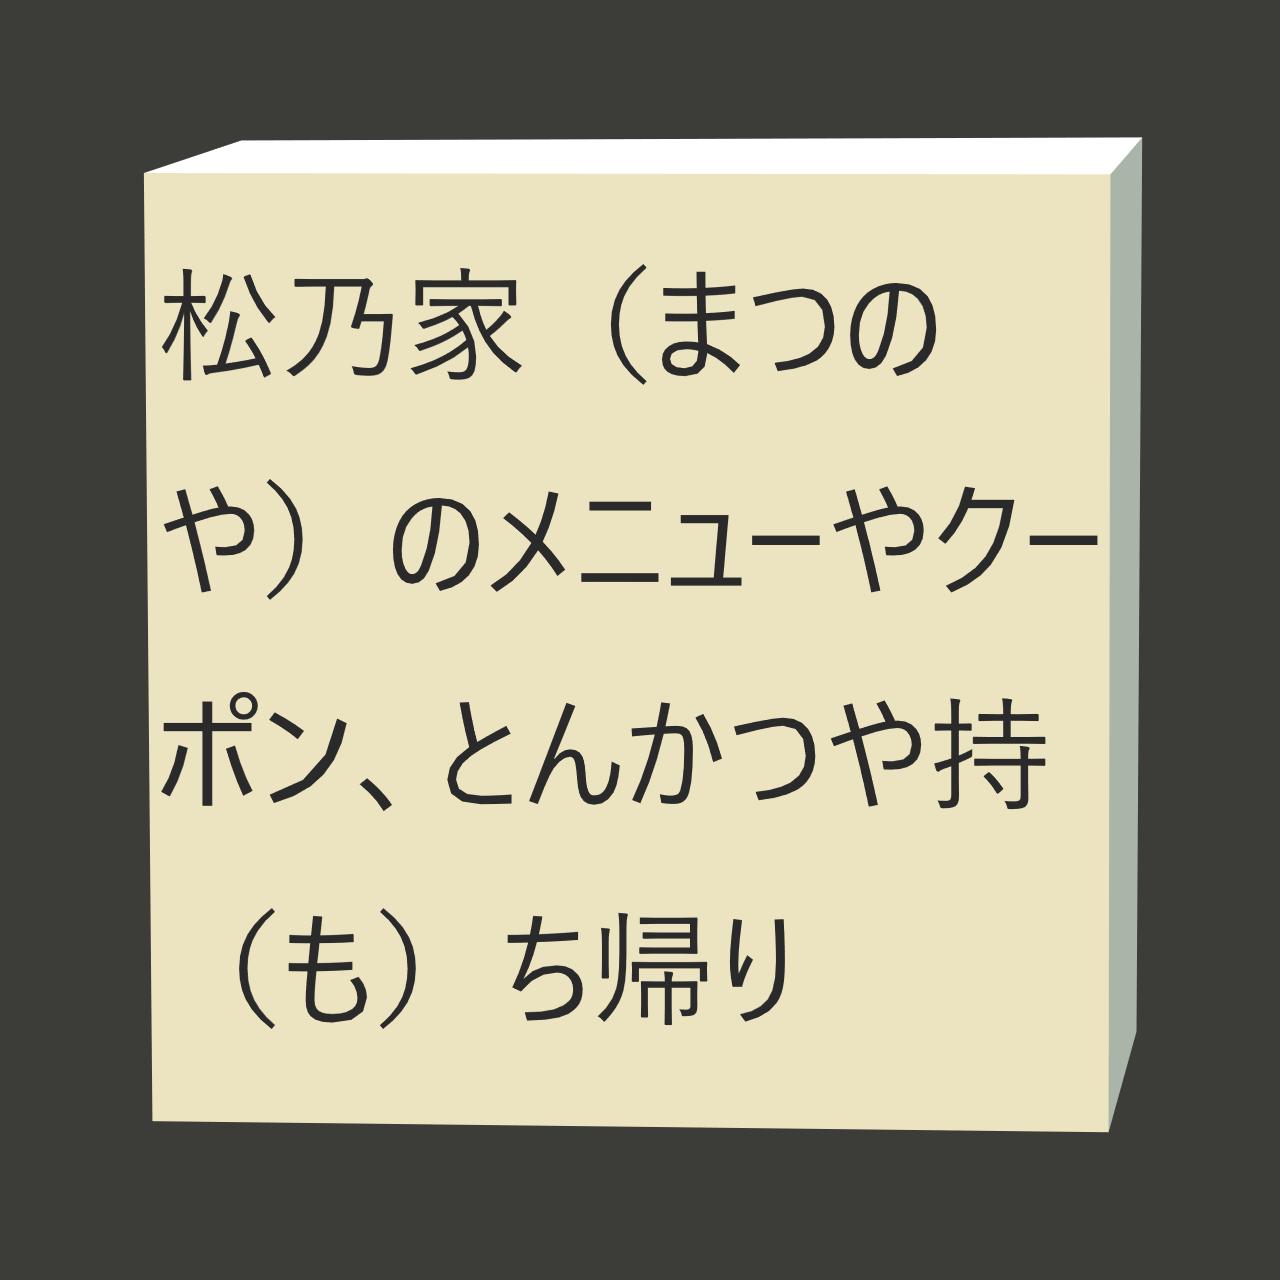 松乃家(まつのや)のメニューやクーポン、とんかつや持(も)ち帰り、朝定食(あさていしょく)や店舗(てんぽ)、カロリーや松(まつ)のやとの違(ちが)い、カツ丼(どん)や京都(きょうと)、つくばやテイクアウトメニュー、カレーとは?にかかる画像(がぞう)